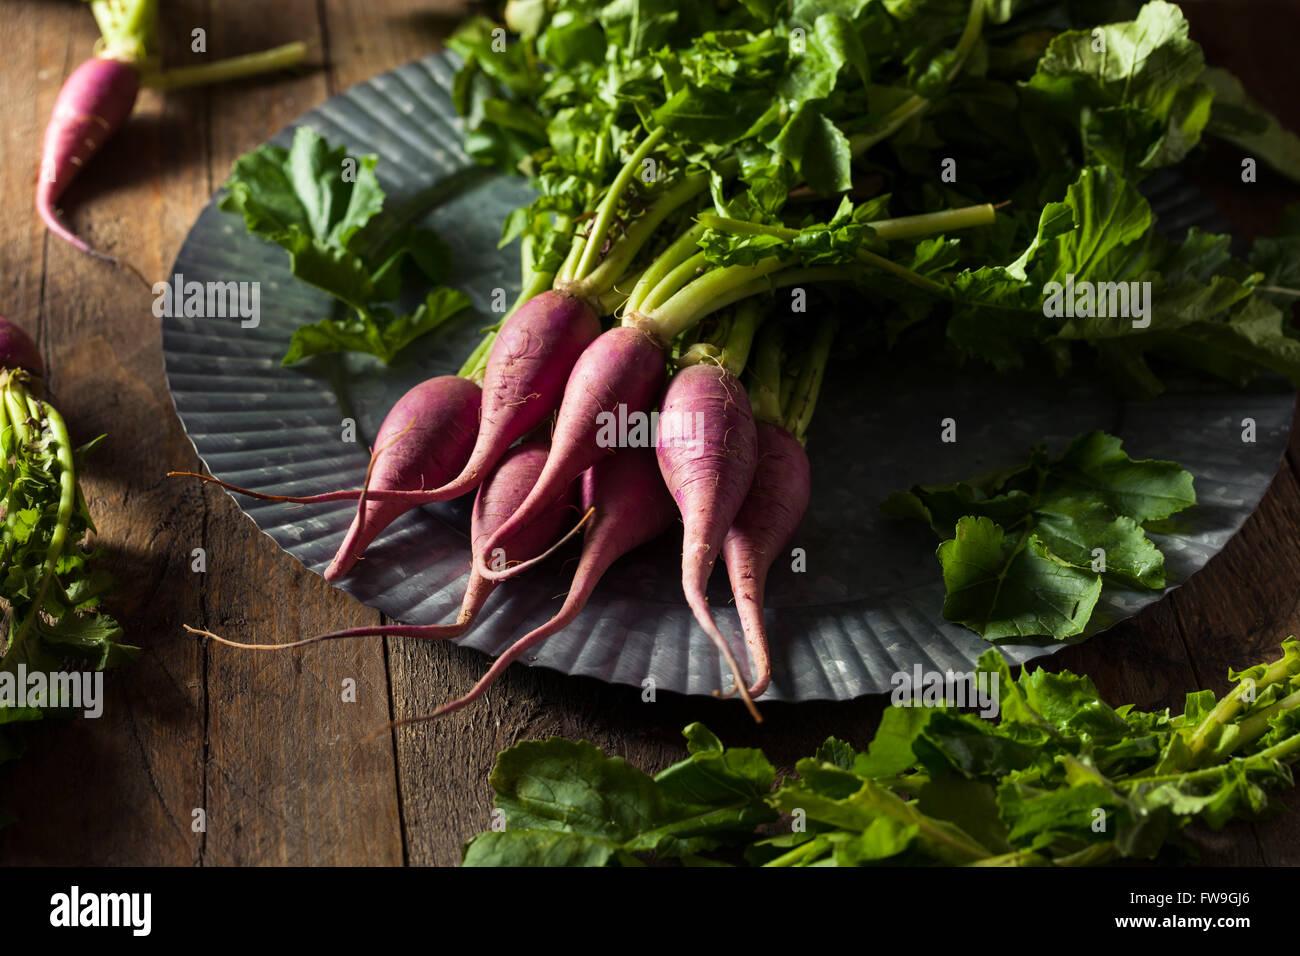 Materie organiche Ravanelli viola pronto a mangiare Immagini Stock